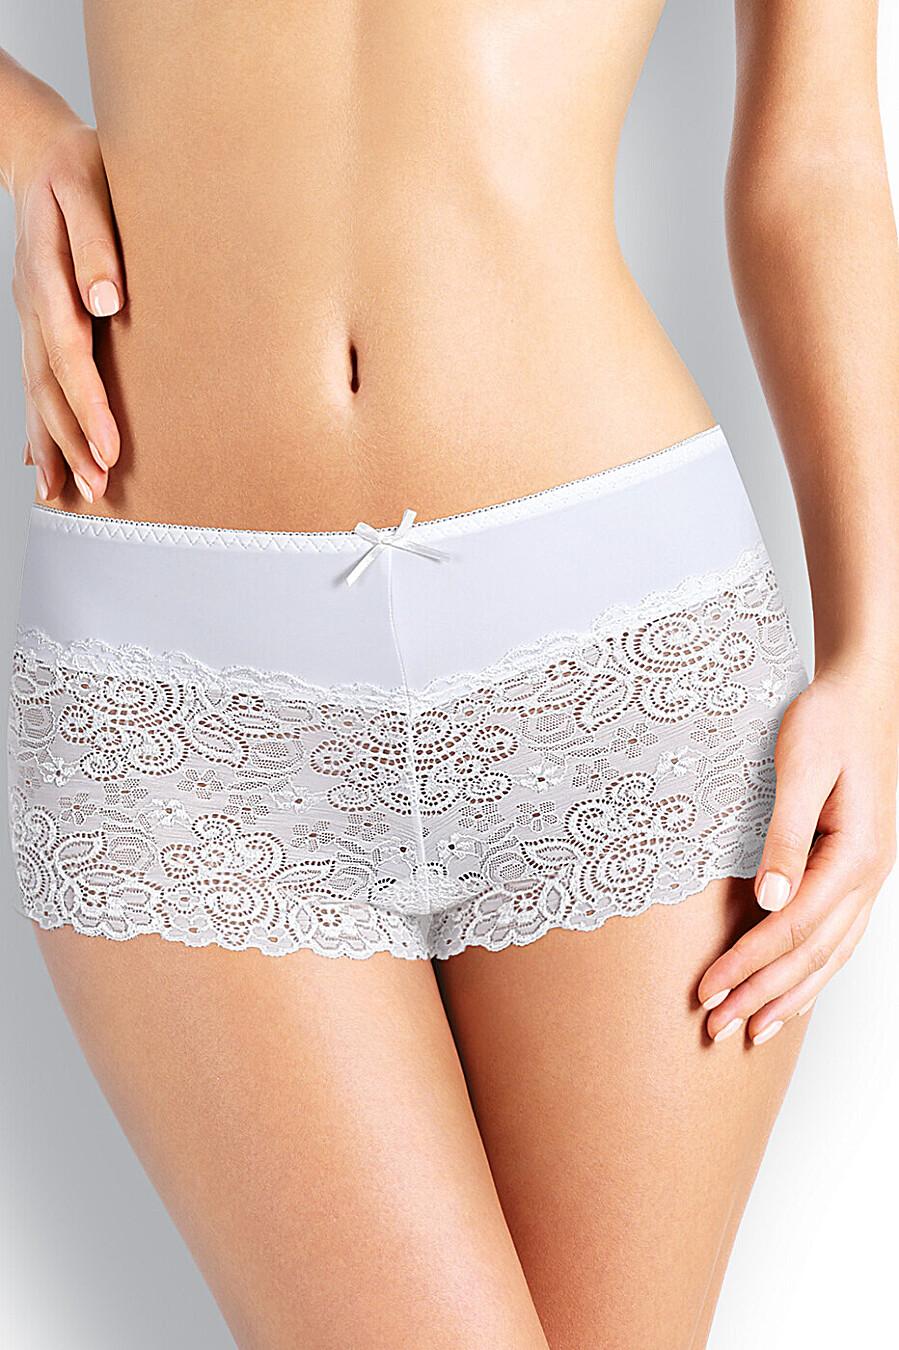 Трусы для женщин CLEVER 219598 купить оптом от производителя. Совместная покупка женской одежды в OptMoyo